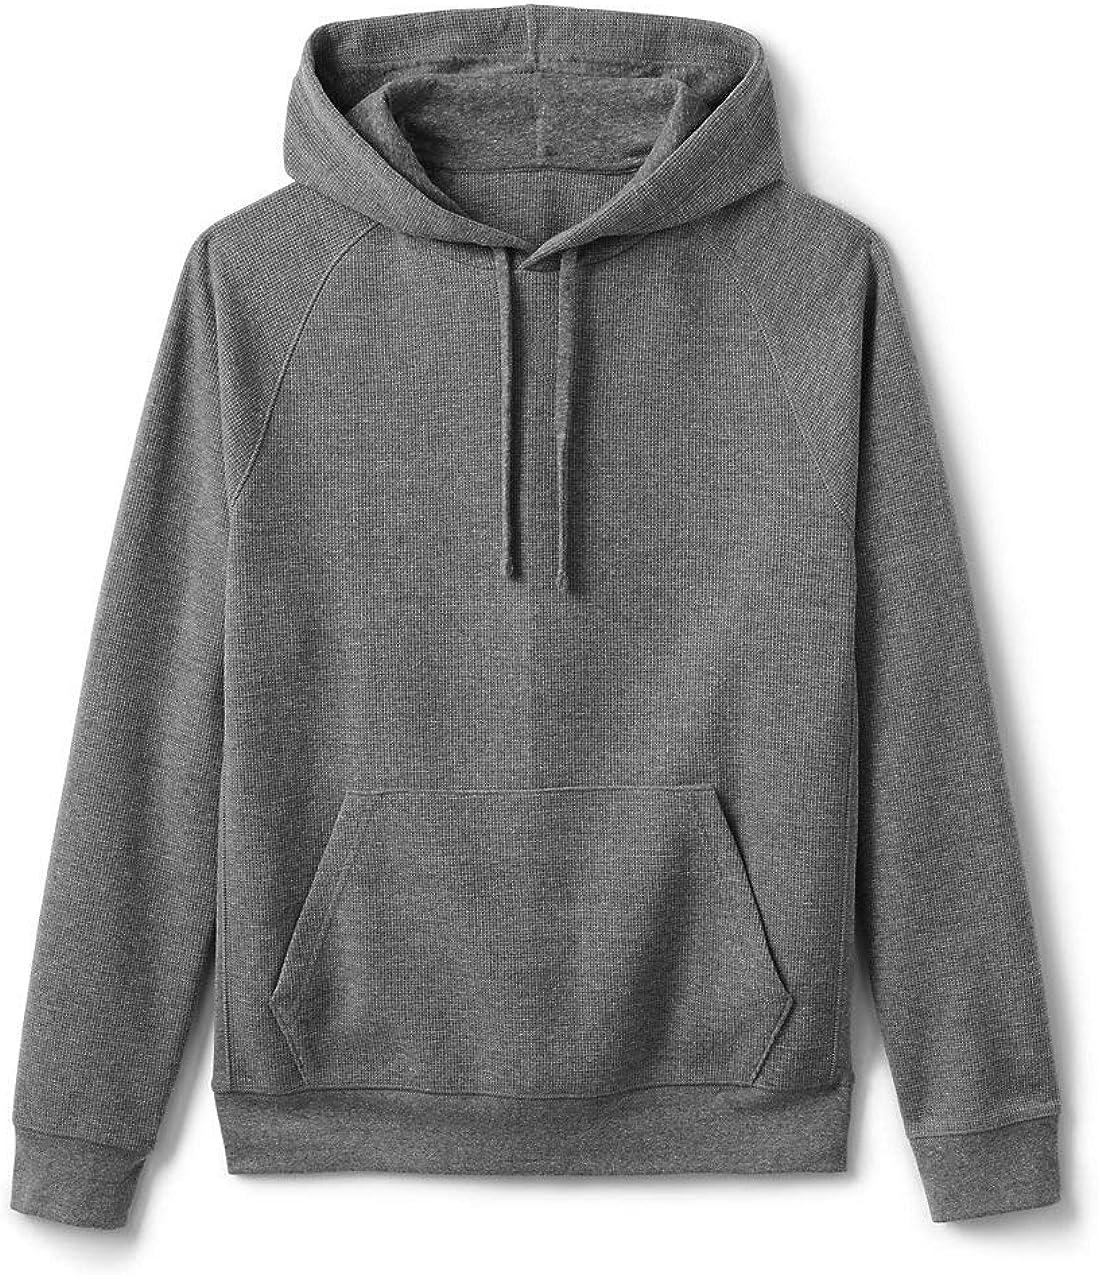 Lands' End Men's Long Sleeve Waffle Pullover Hoodie Sweatshirt